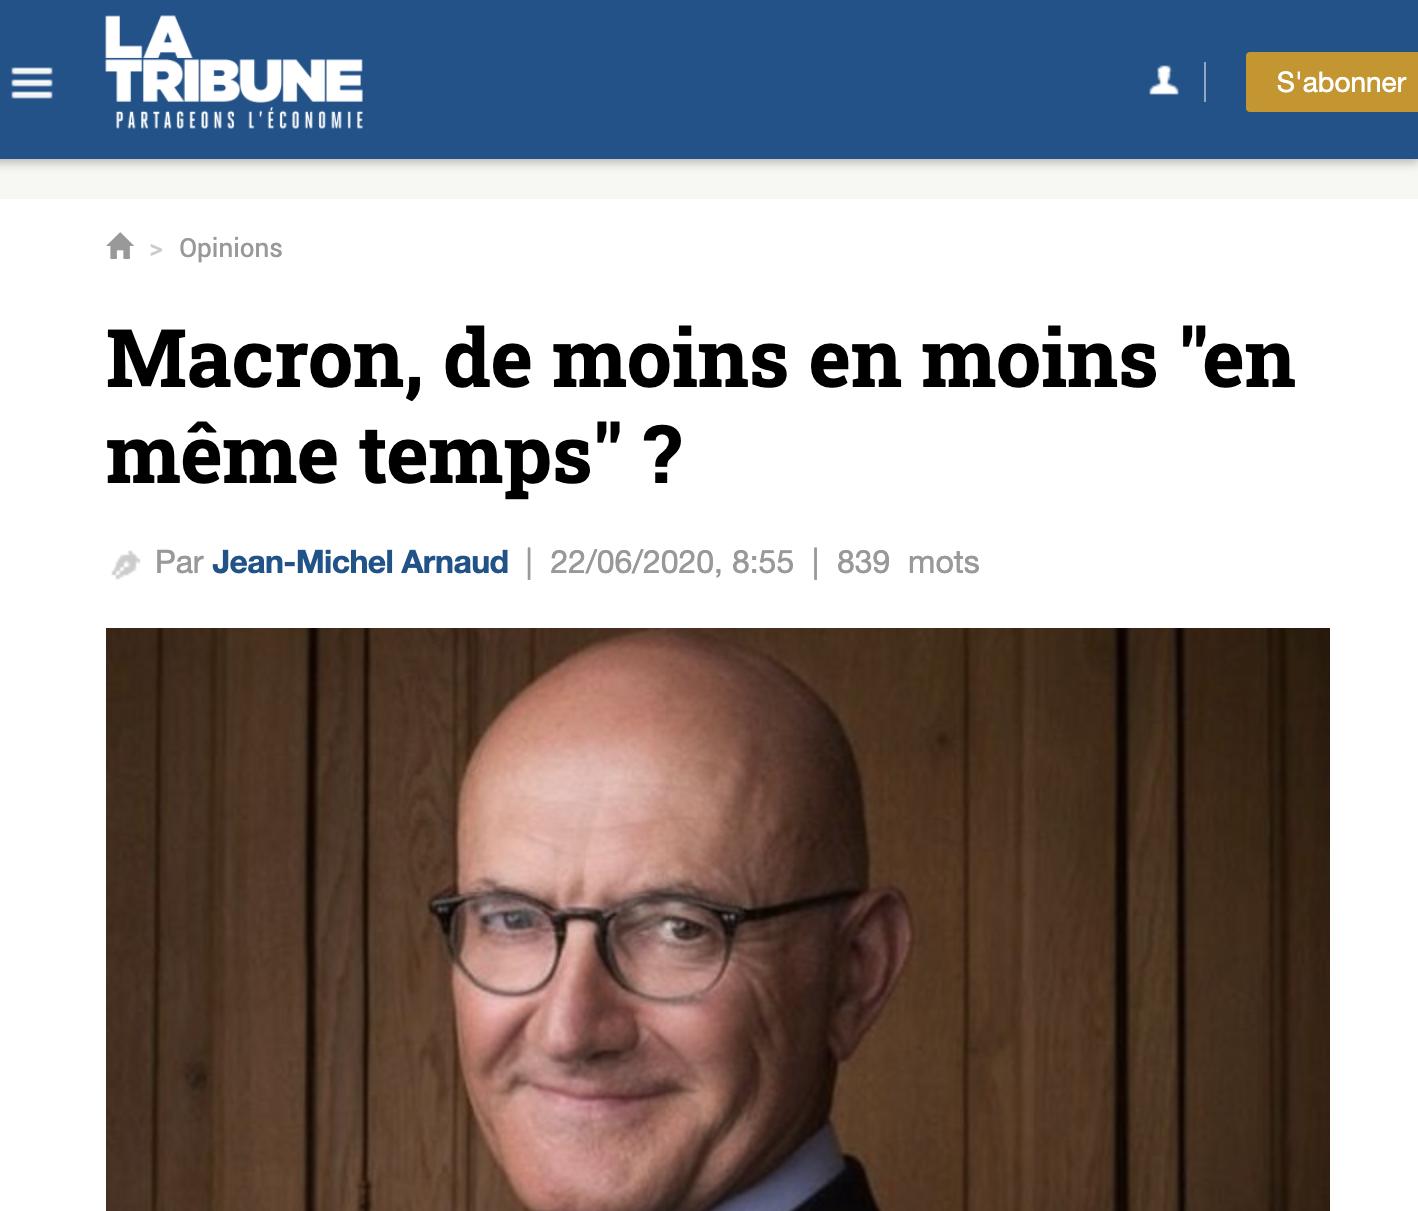 Macron, de moins en moins «en même temps» ?